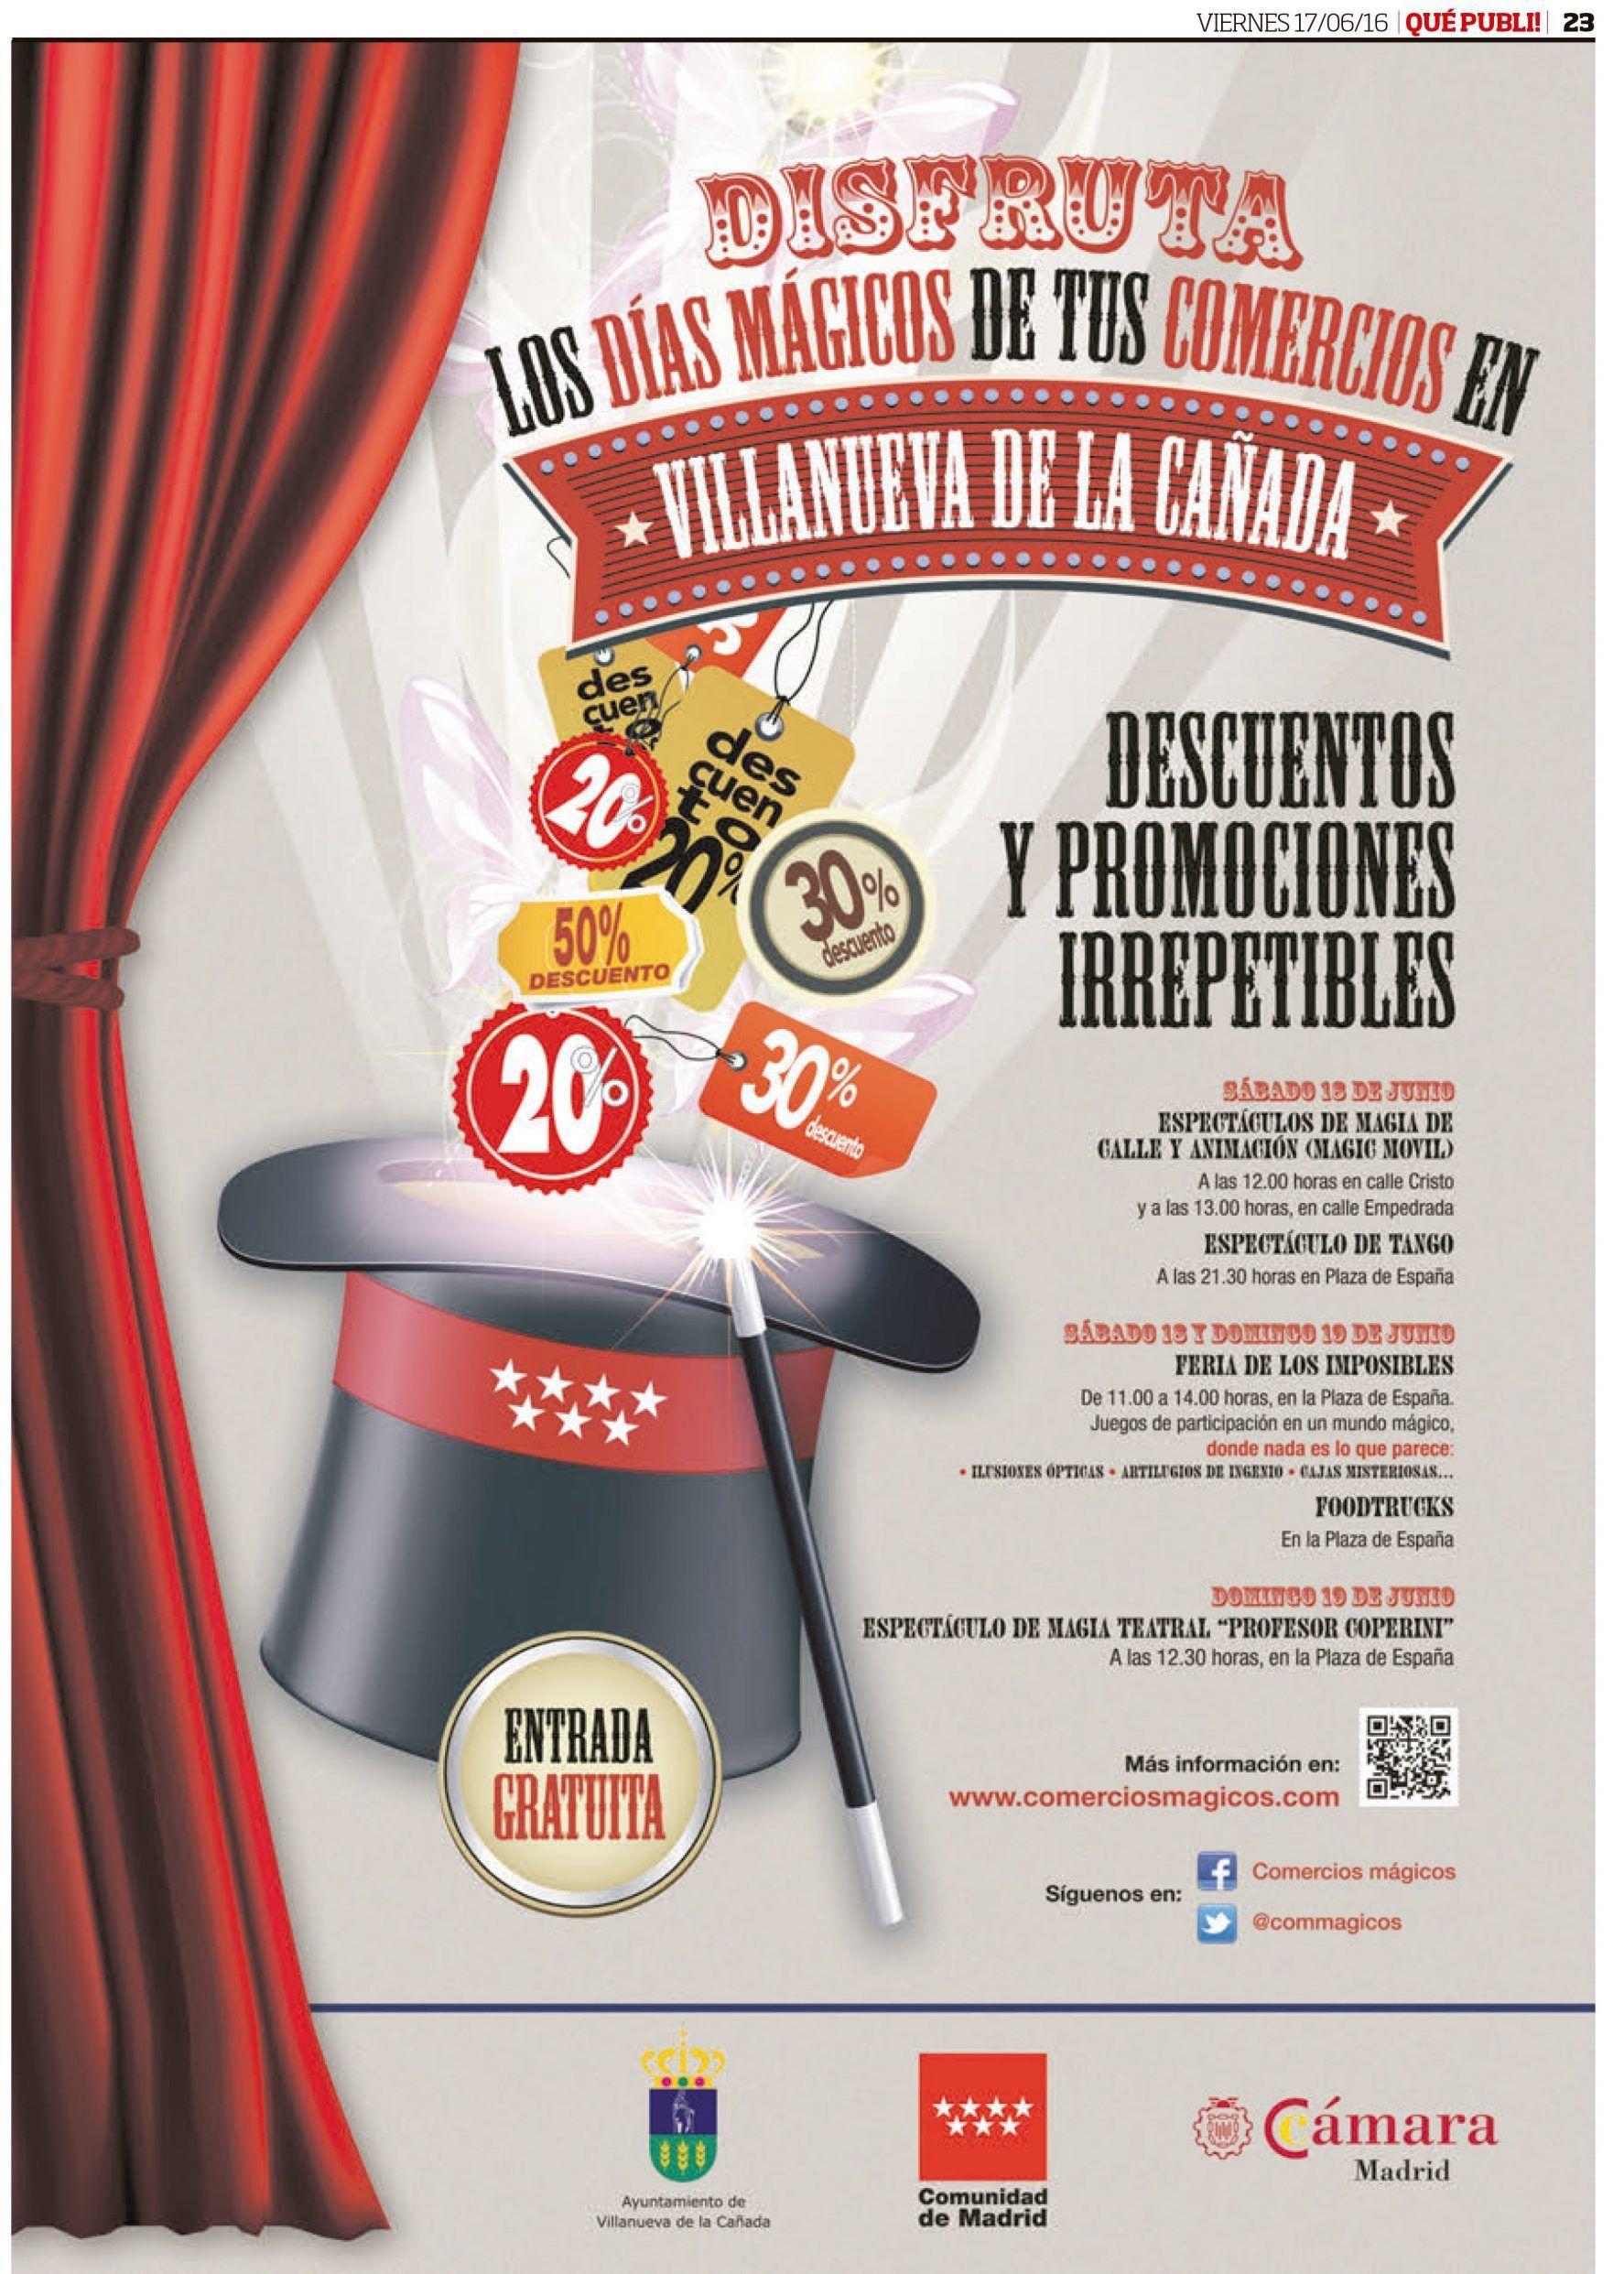 Wave On Media_publicidad_días mágicos Villanueva de la Cañada